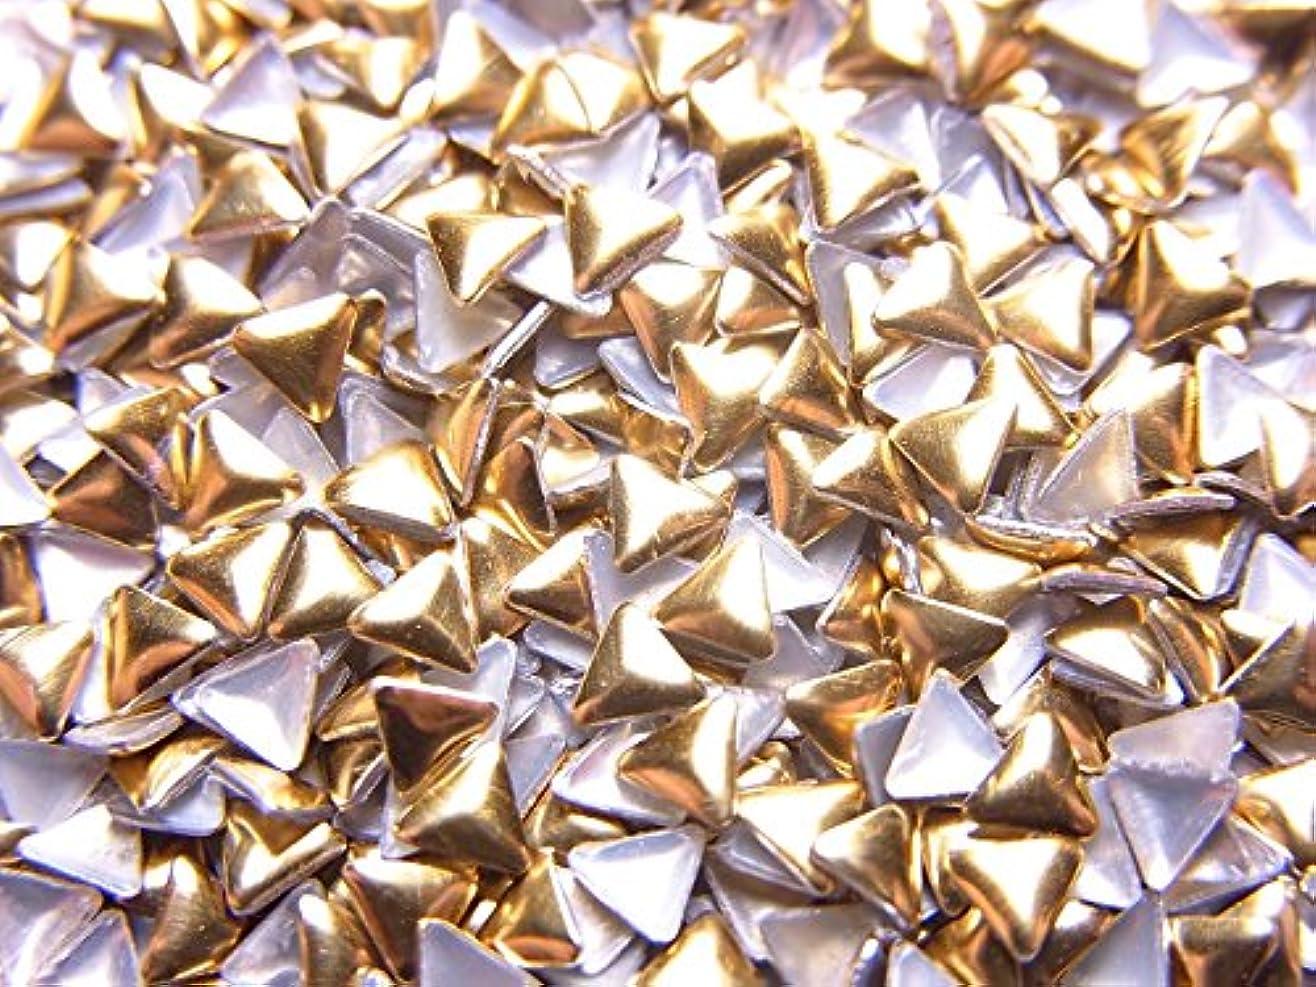 故国他の日家庭教師メタルスタッズ (ゴールド/シルバー)12種類から選択可能 (トライアングル型(三角形)メタルスタッズ 3mm, ゴールド)